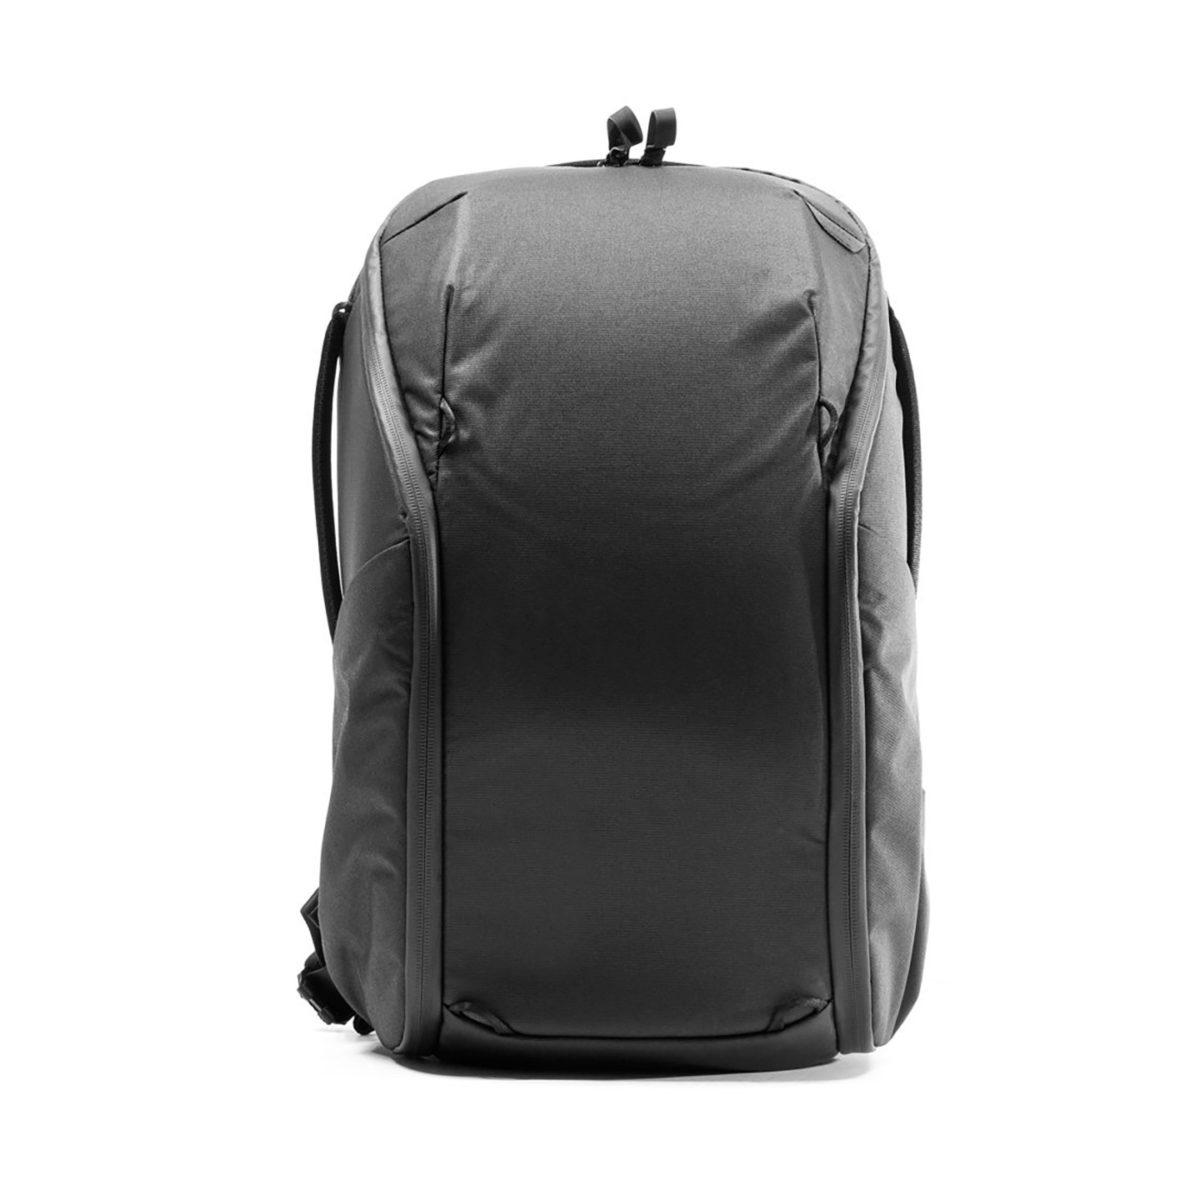 peak_design_everyday_backpack_zip_v2_20l_bk_01